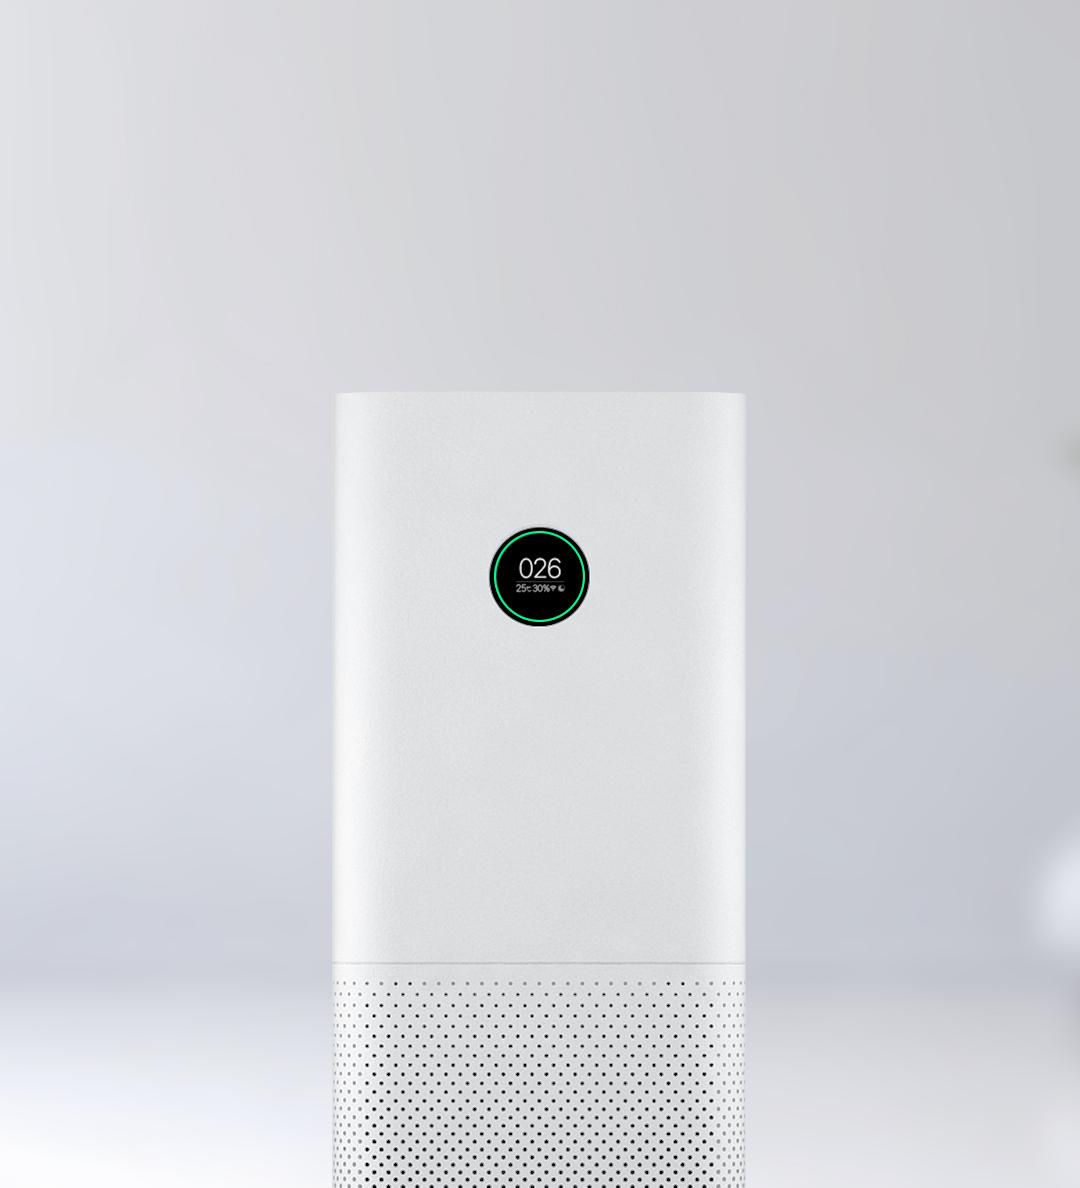 小米米家空气净化器pro版智能杀菌除甲醛粉尘PM2.5室内办公室家用